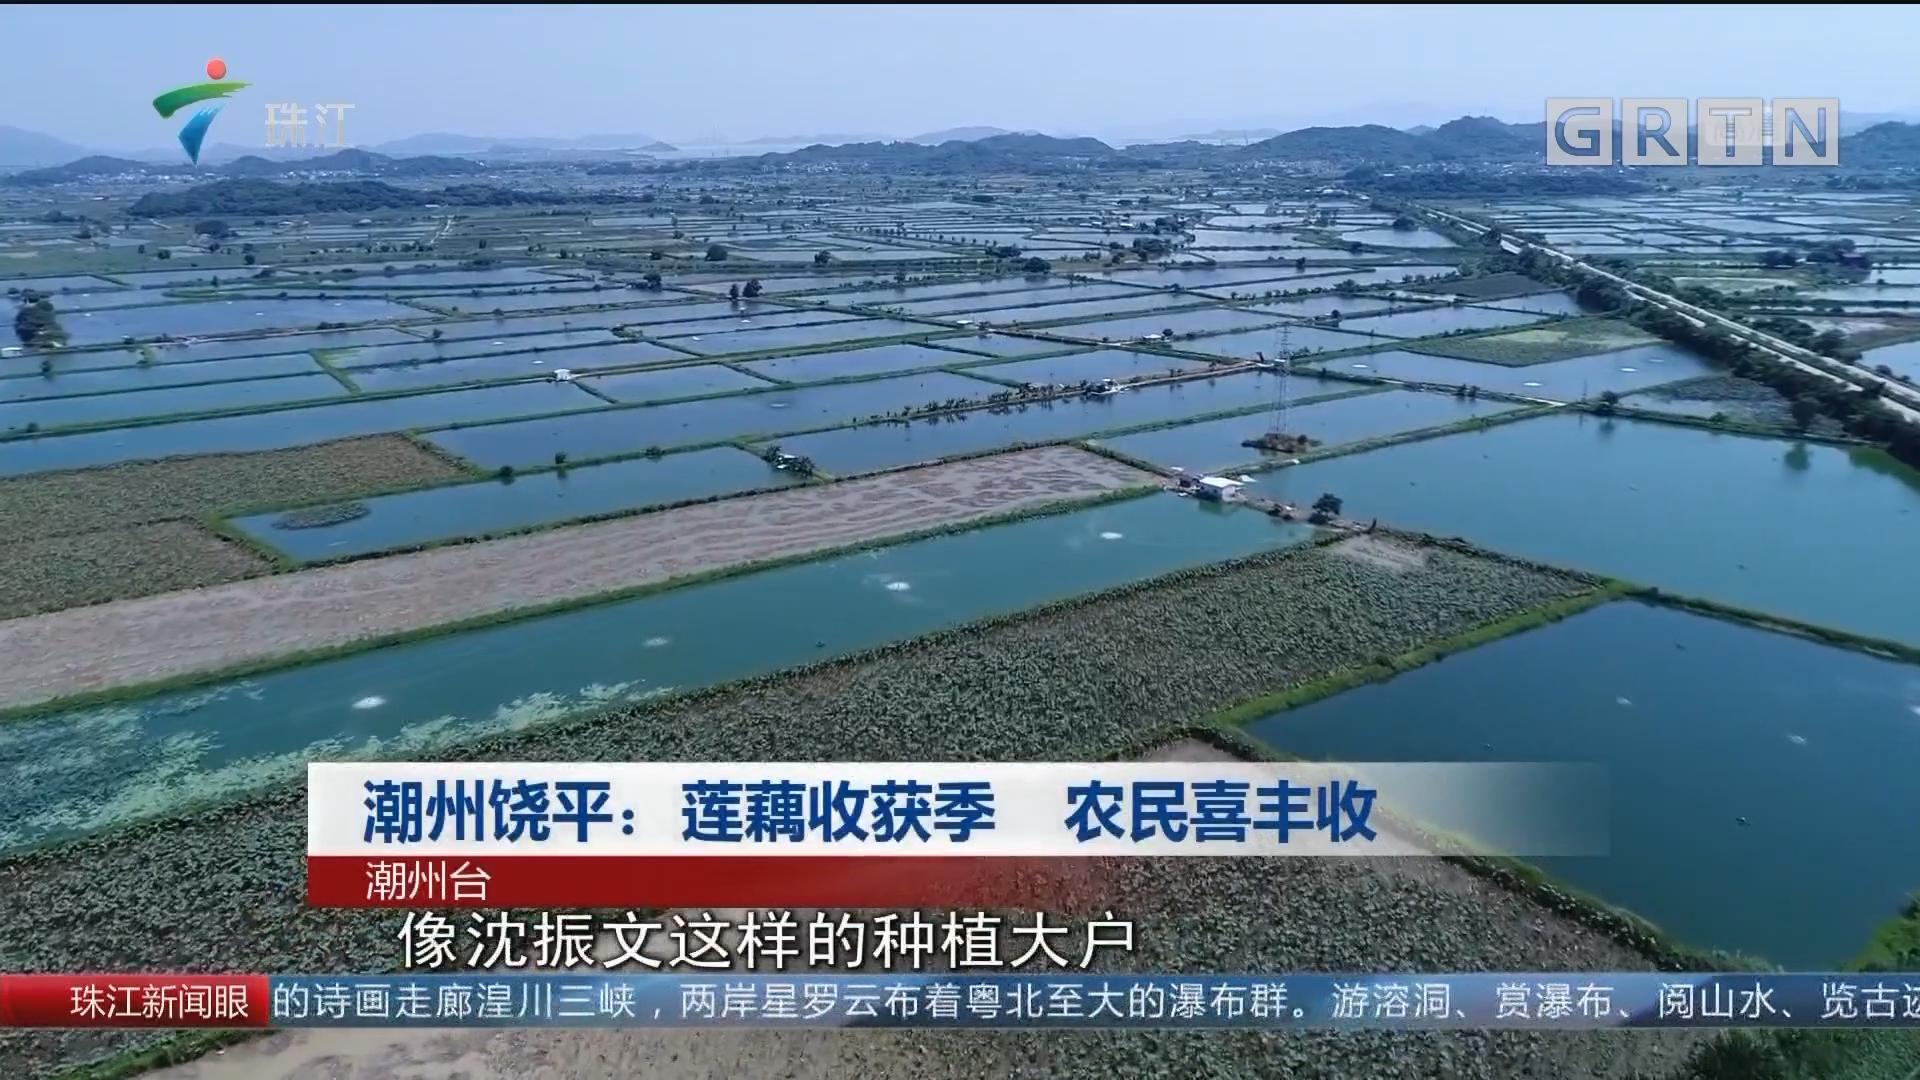 潮州饶平:莲藕收获季 农民喜丰收